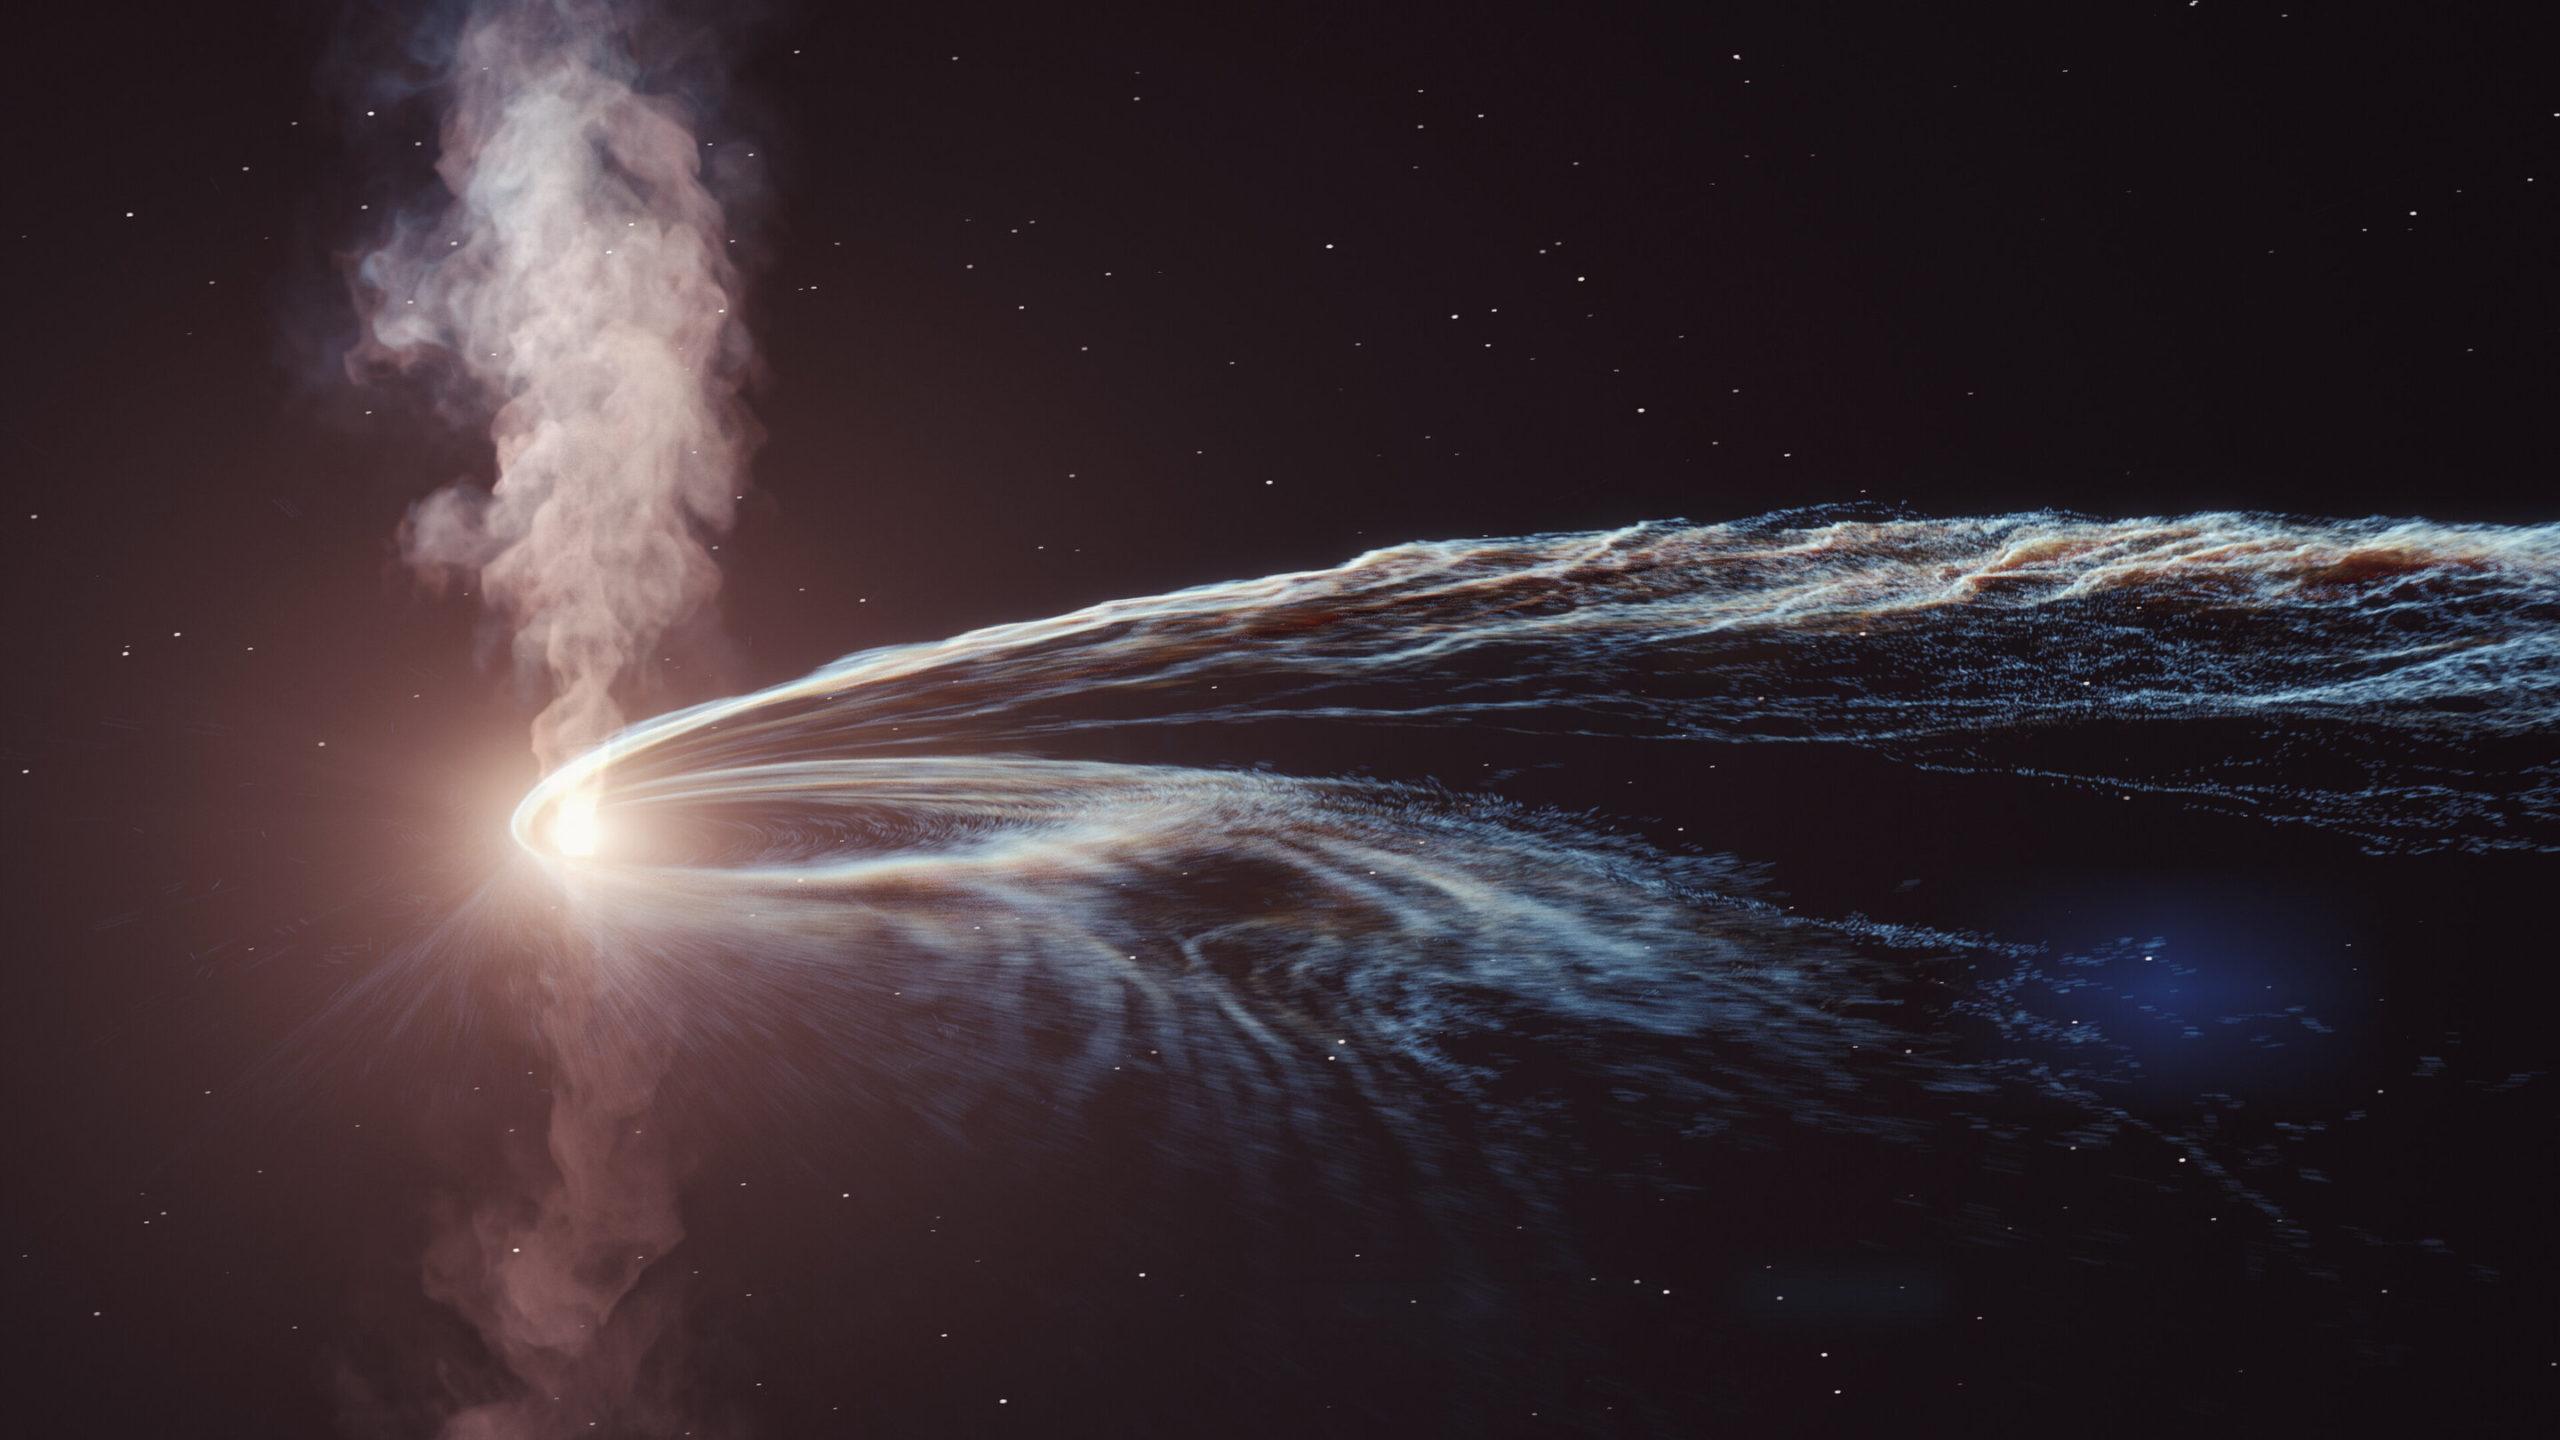 رصد الجسيمات الشبحية النيوترينوات من حطام نجم ممزق - كيف تمكن العلماء من رصد ولادة الجسيم الشبحي أو النيوترينو أحد الحطامات النجمية